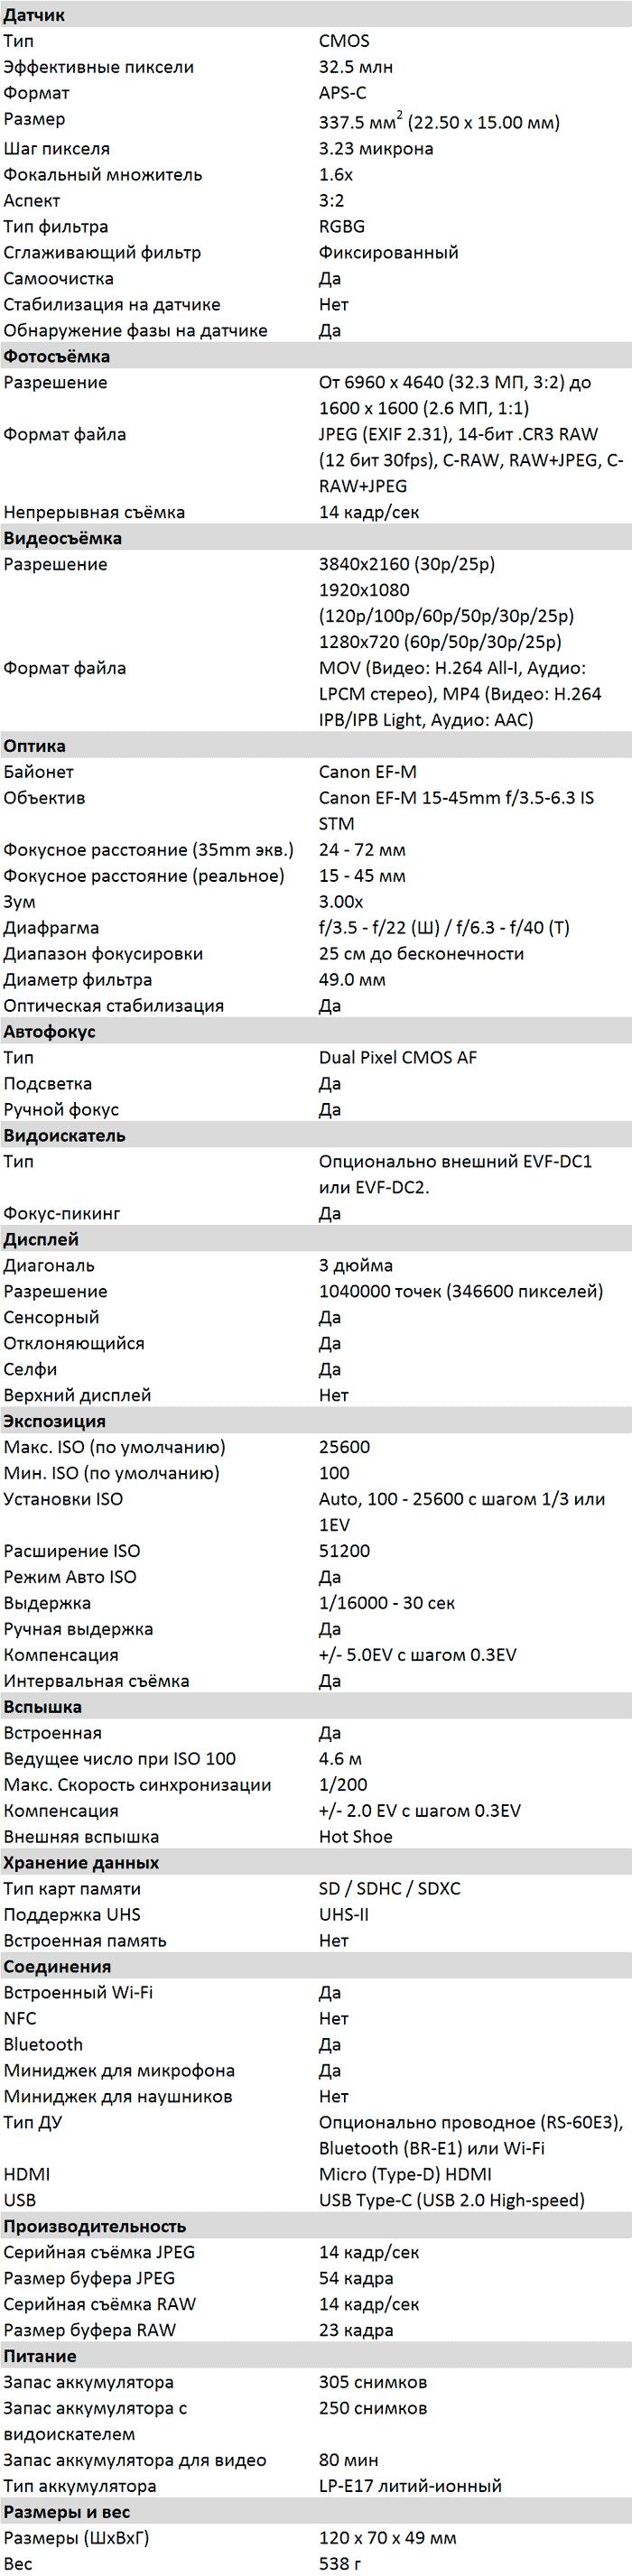 Характеристики EOS M6 II